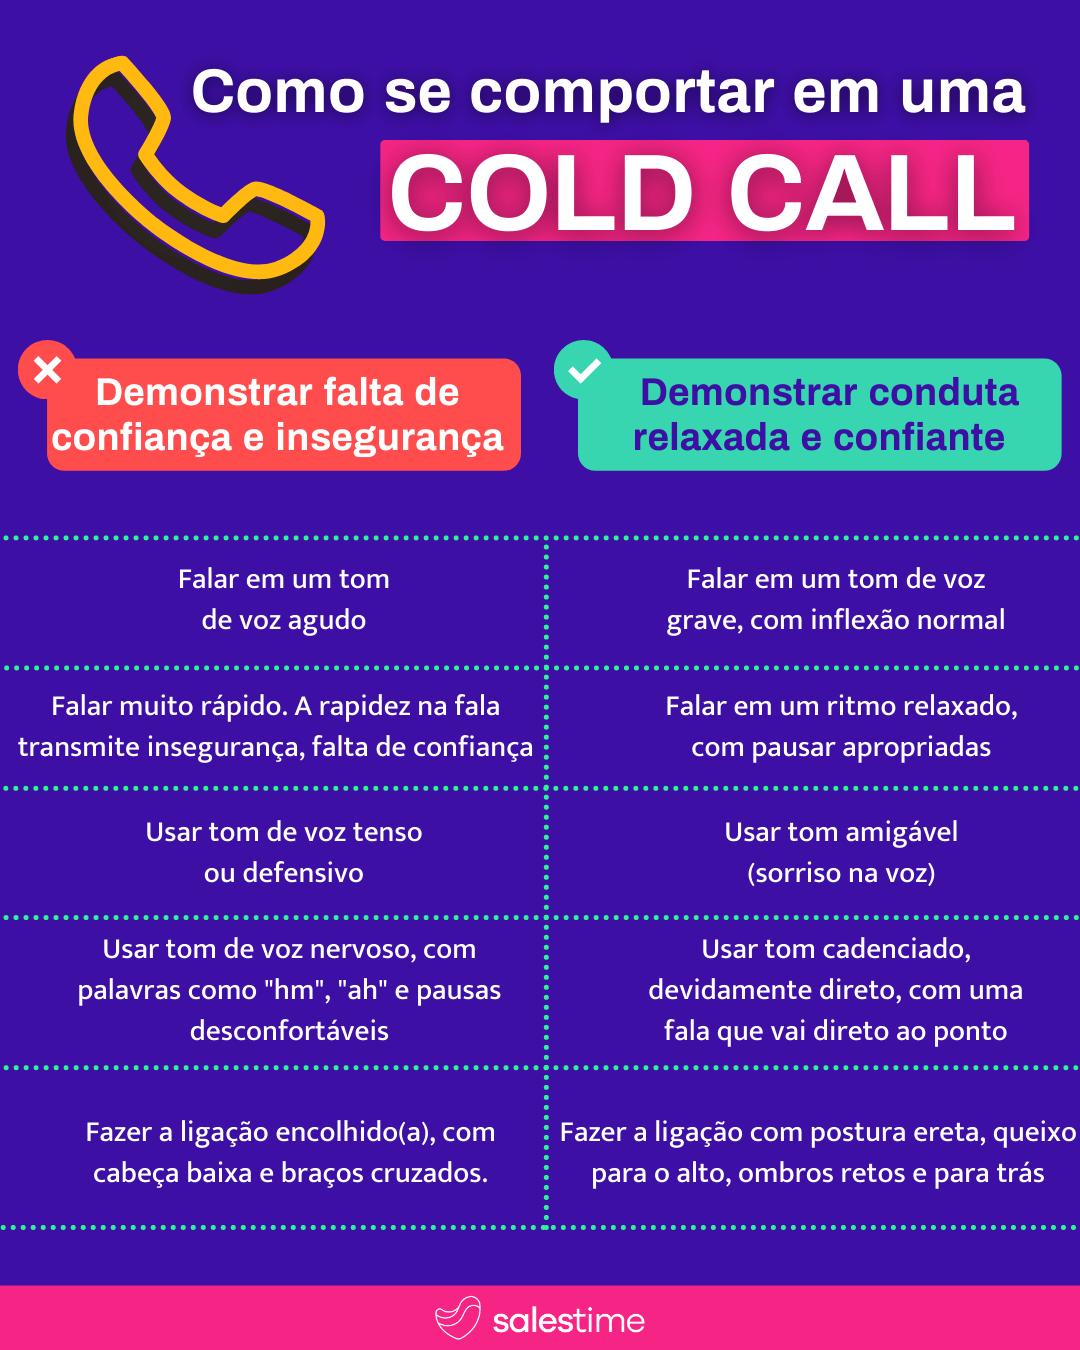 como se comportar em uma cold call